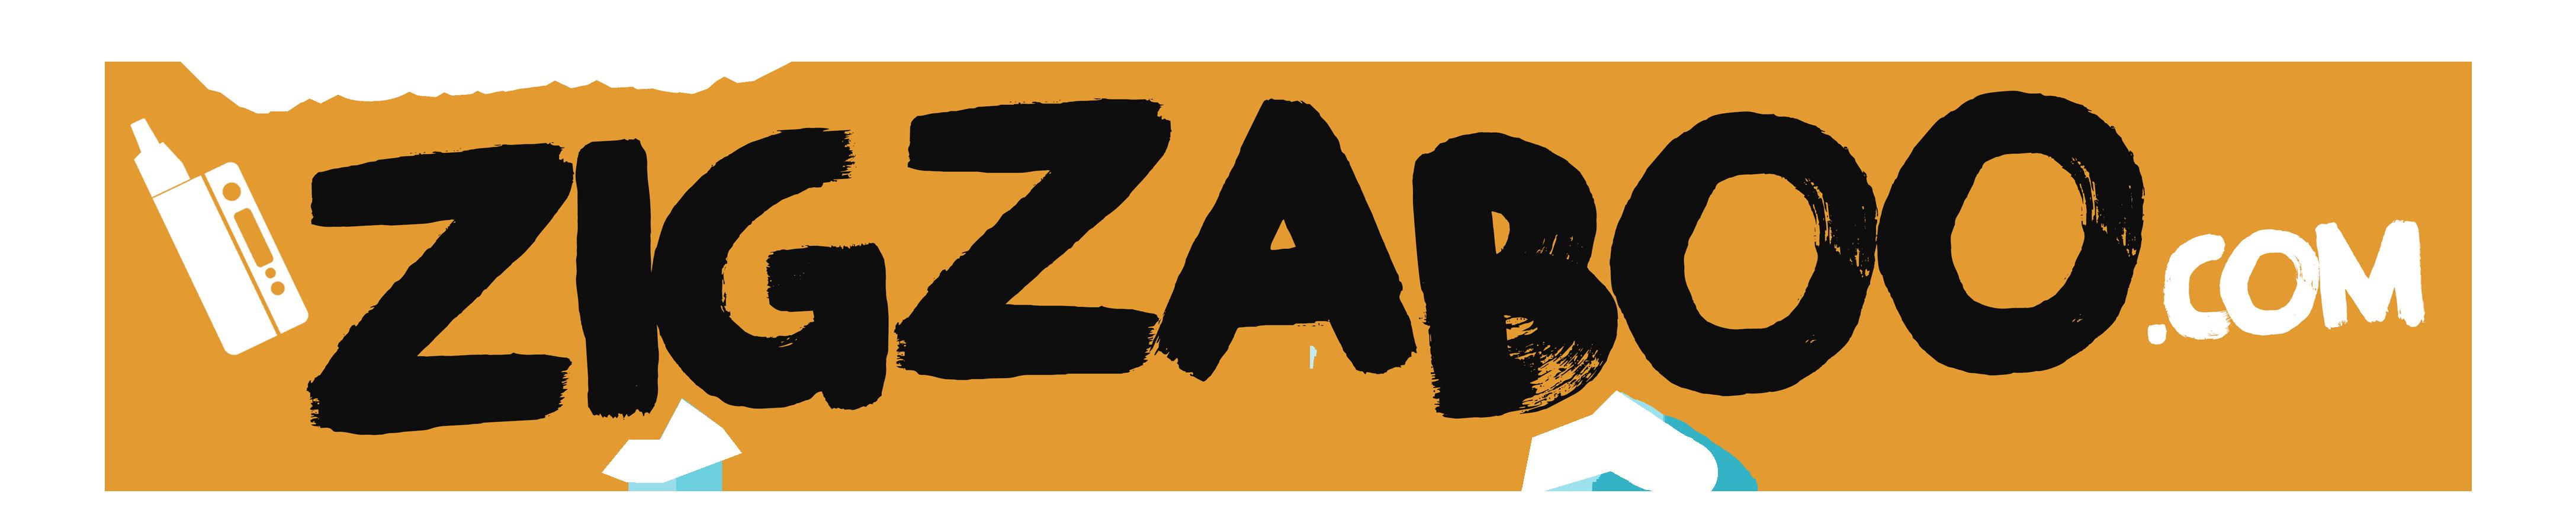 Zigzaboo